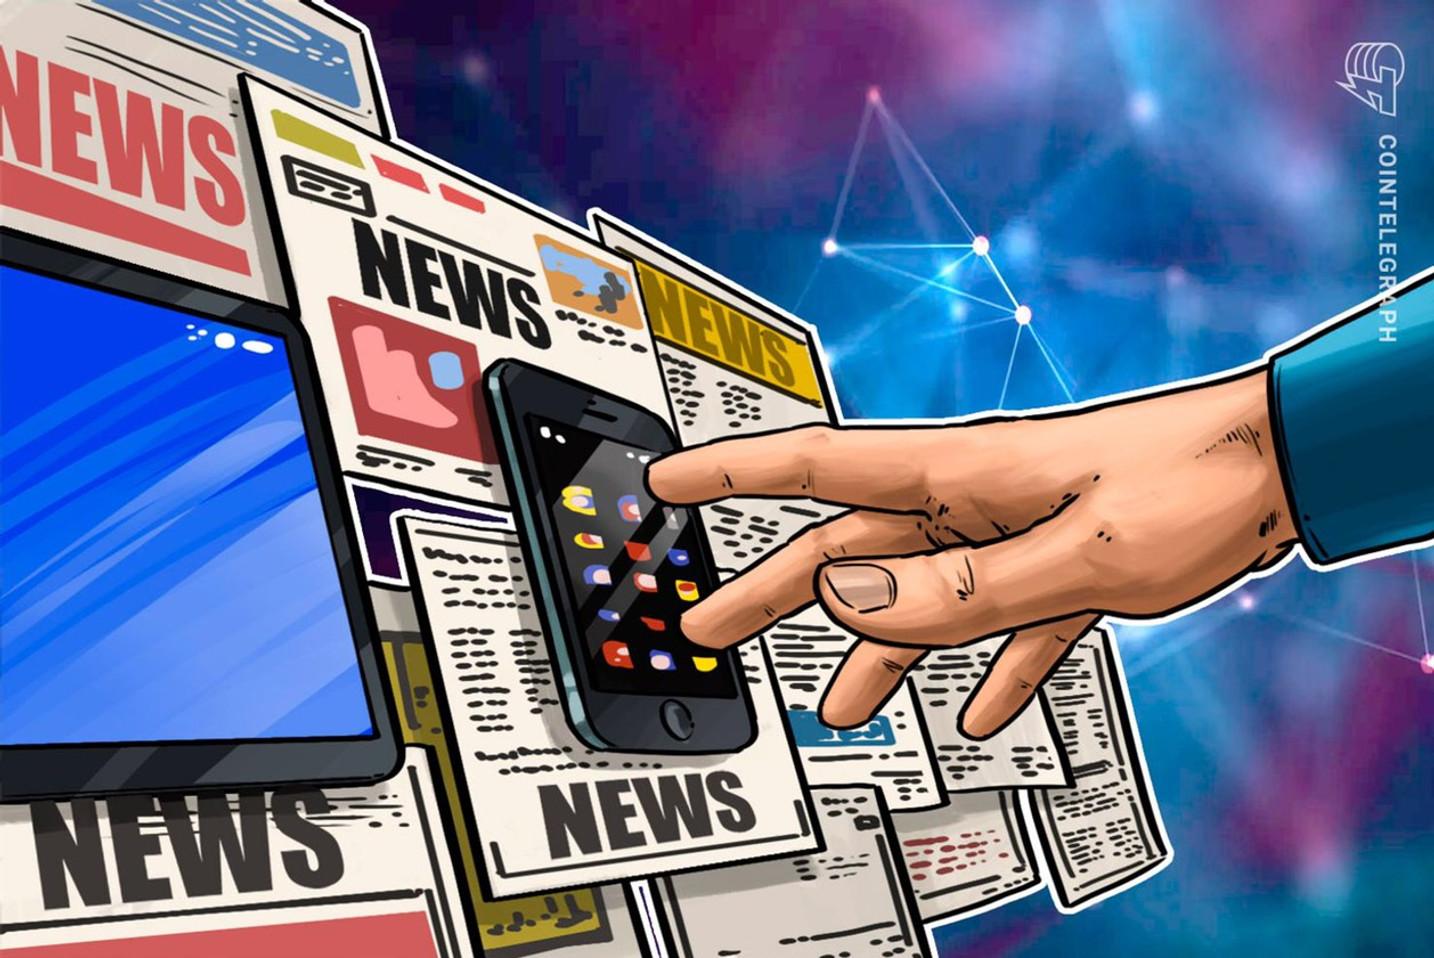 今週の仮想通貨注目ニュースまとめ-コインテレグラフ編集部が選ぶ10選-【11月26日〜11月30日版】